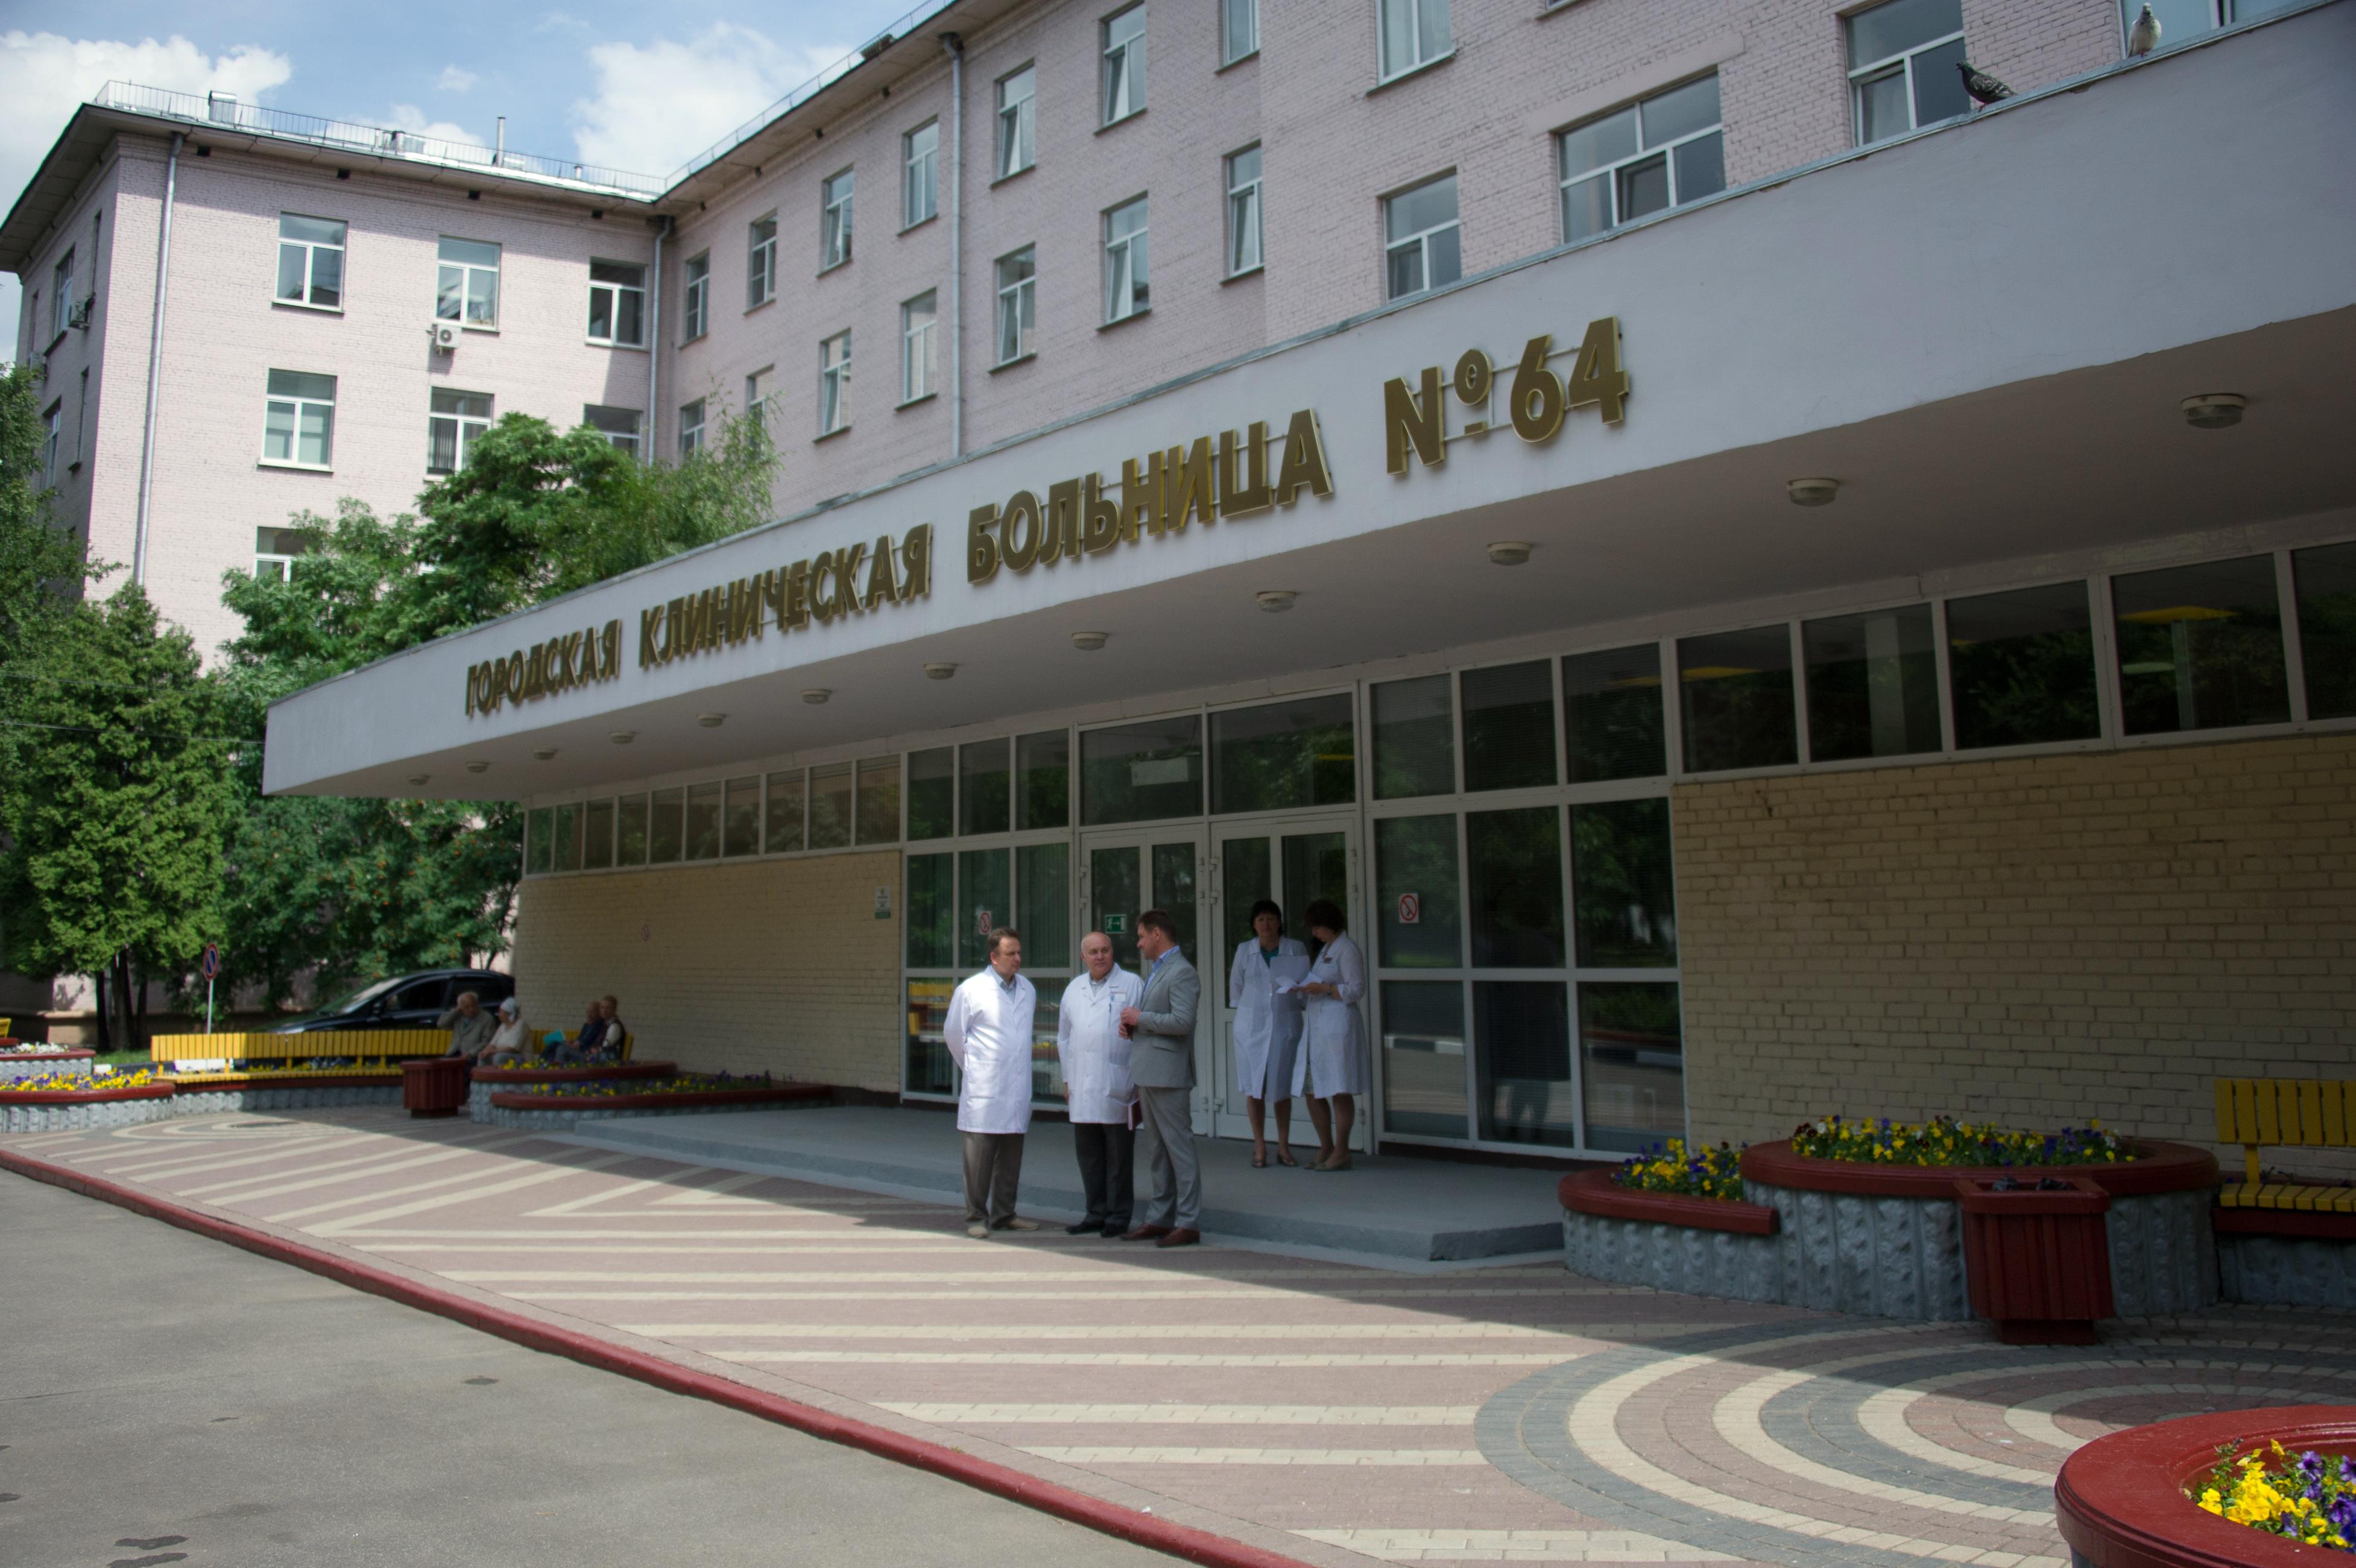 Городская клиническая больница № 64